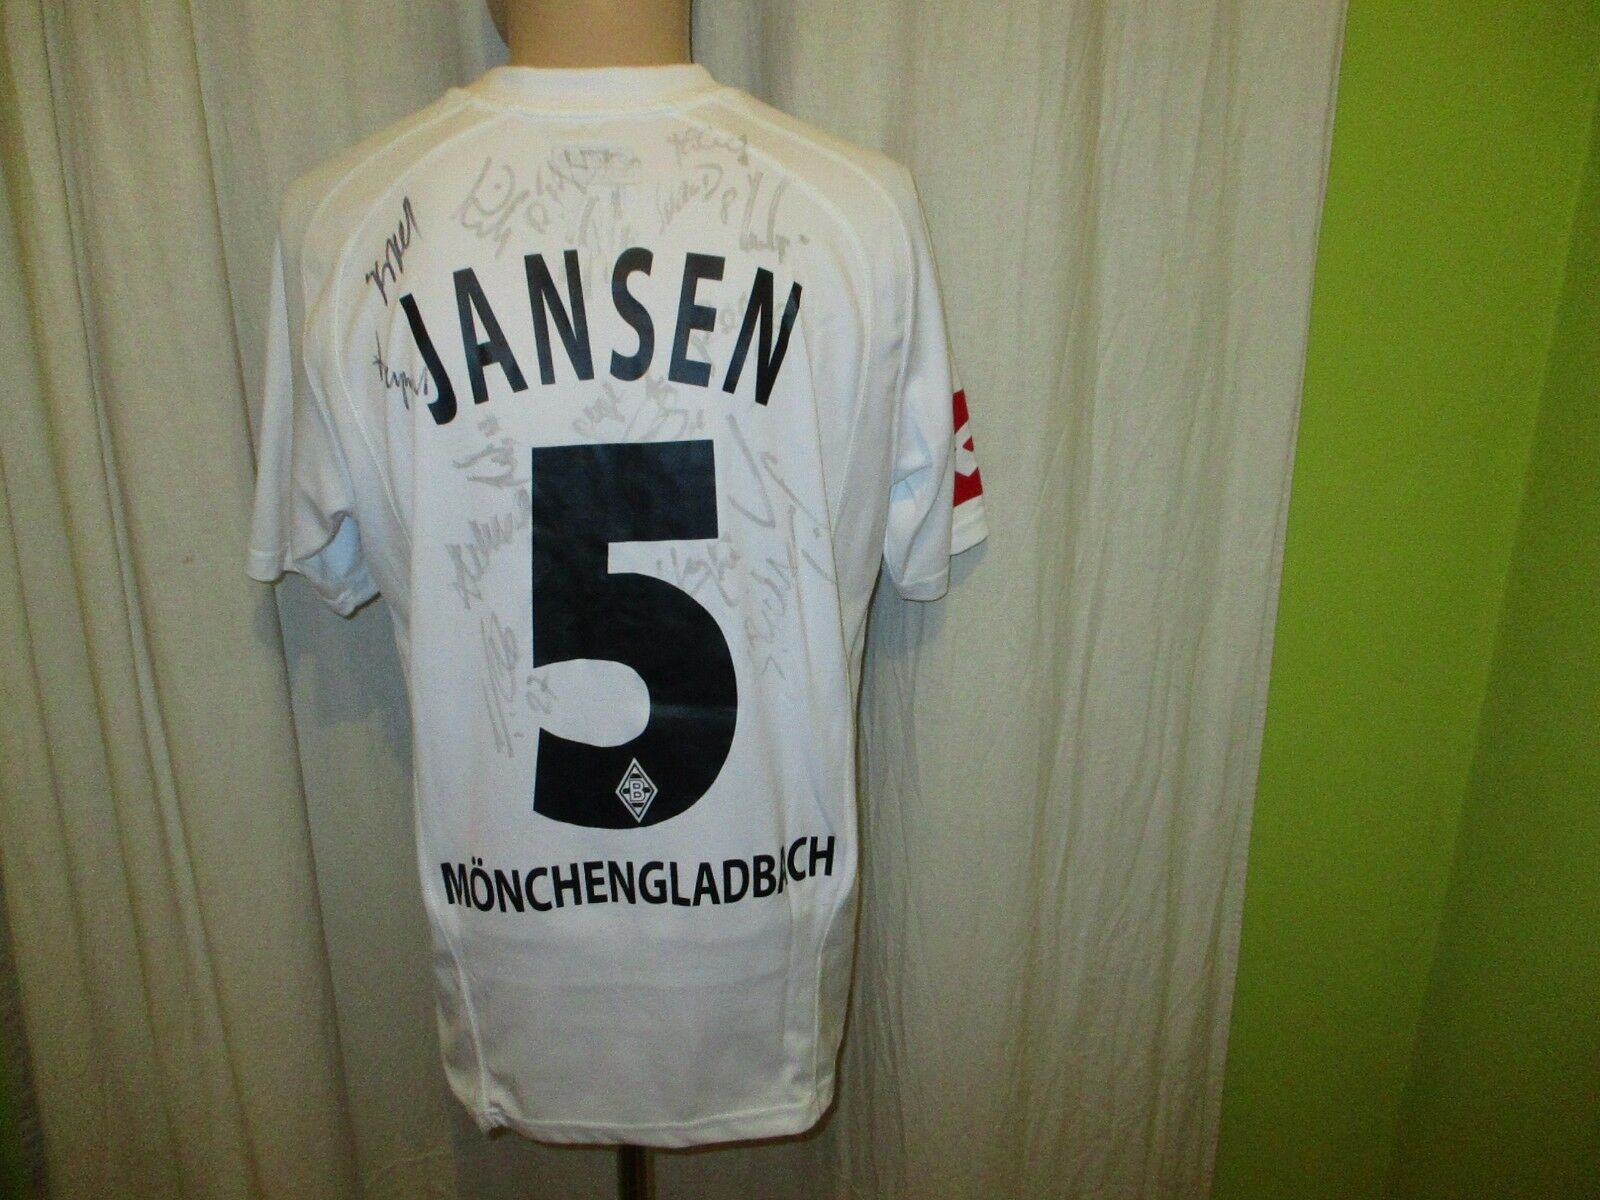 Borussia Mönchengladbach Jansen Lotto Trikot 2005/06 + Nr.5 Jansen Mönchengladbach + Handsigniert Gr.M 12216c